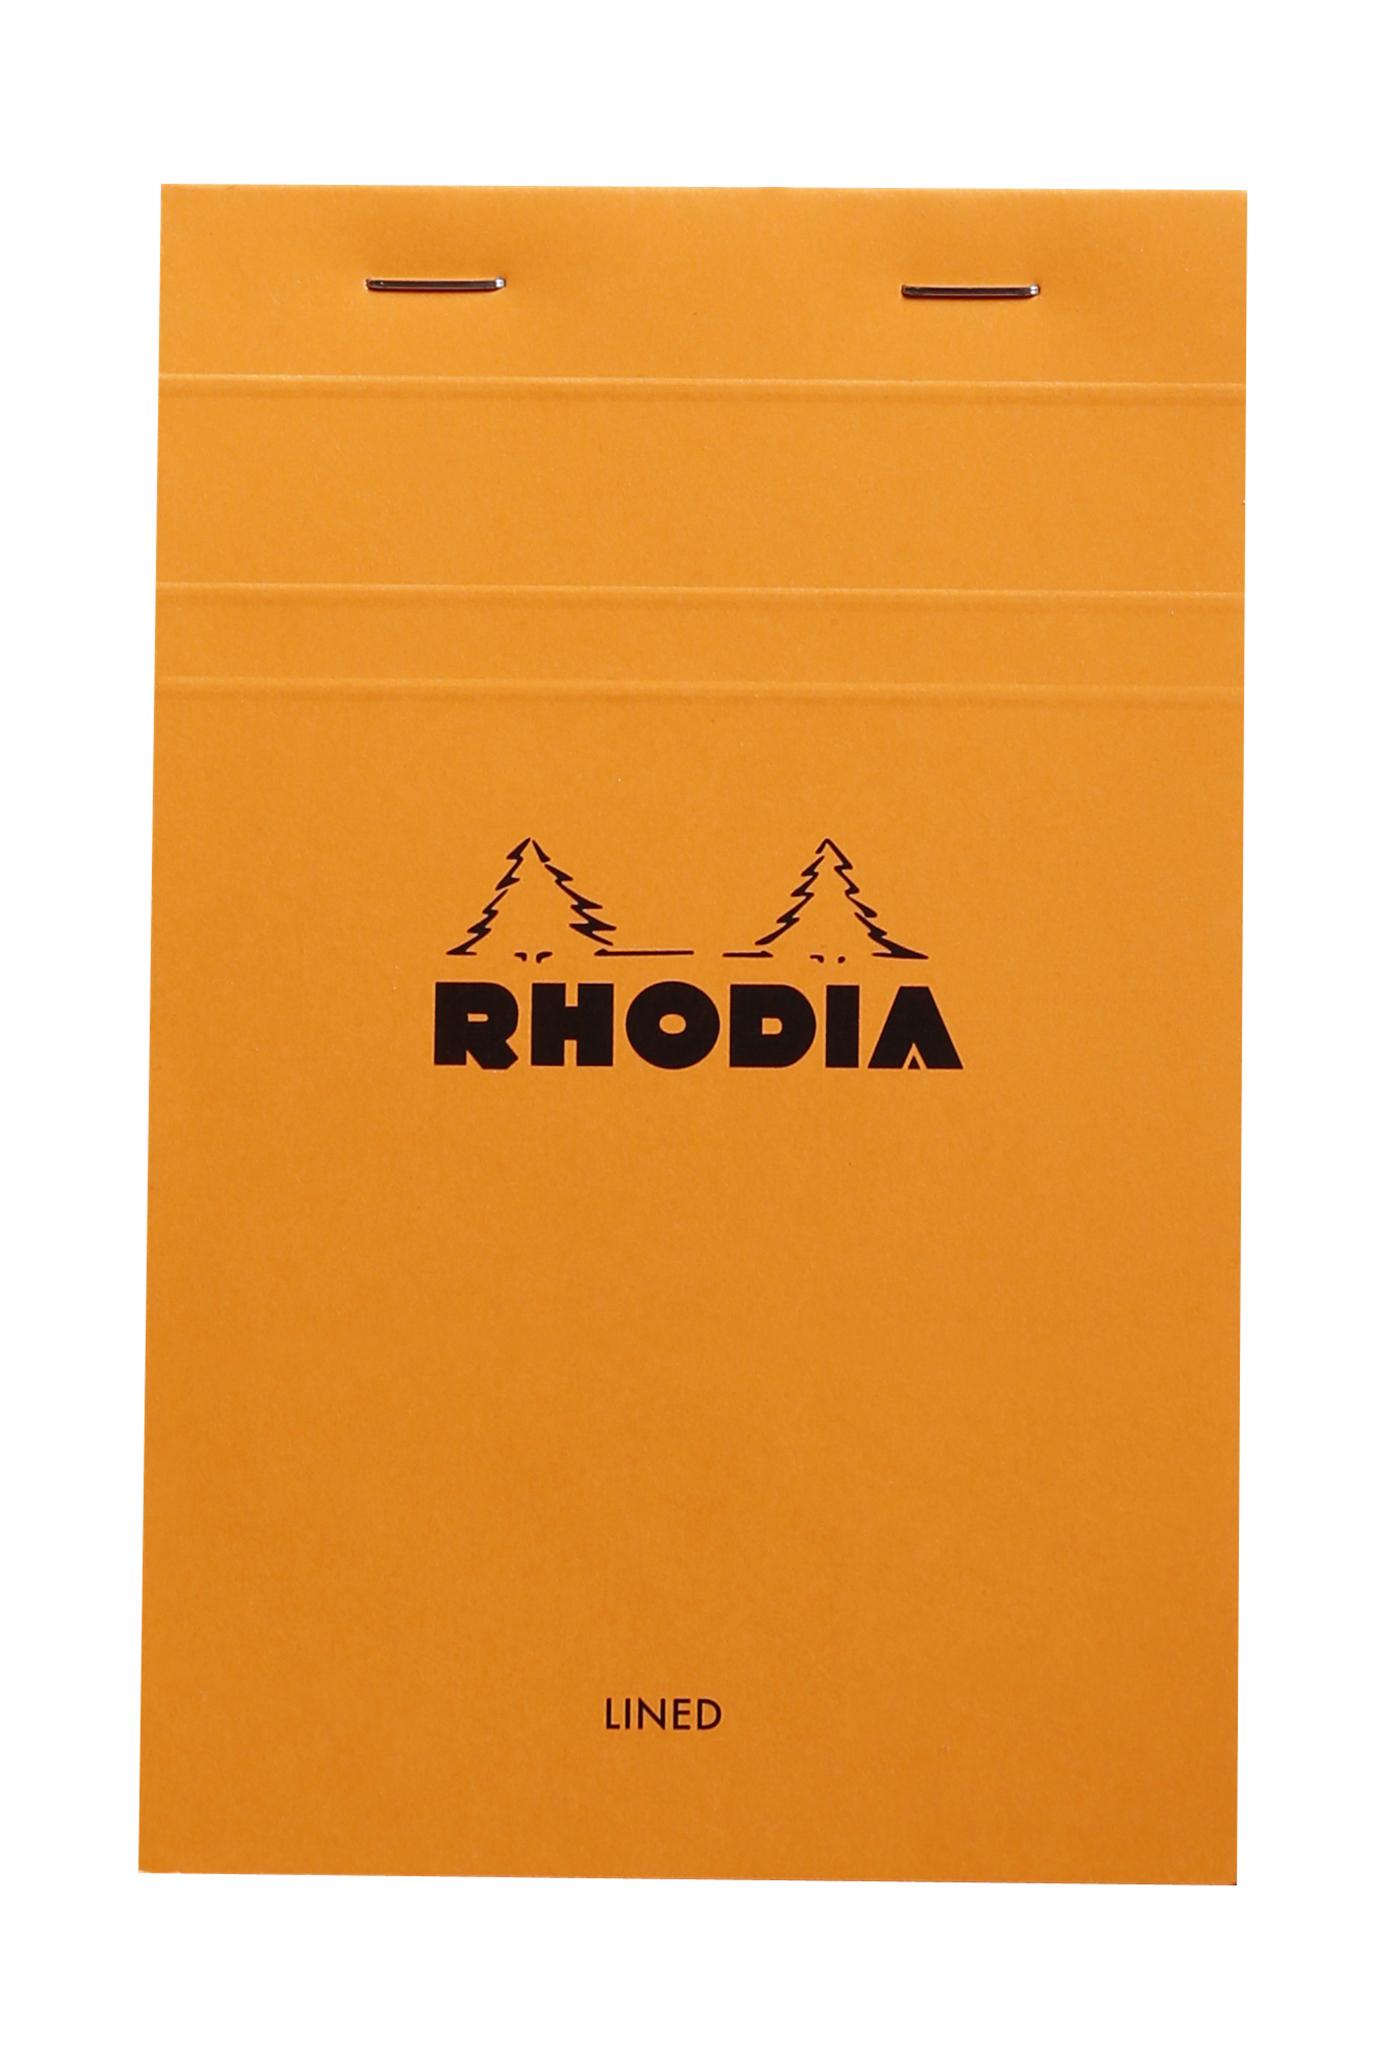 BLOC N 14 RHODIA ORANGE 11X17 80 F LIGNE - 14600C